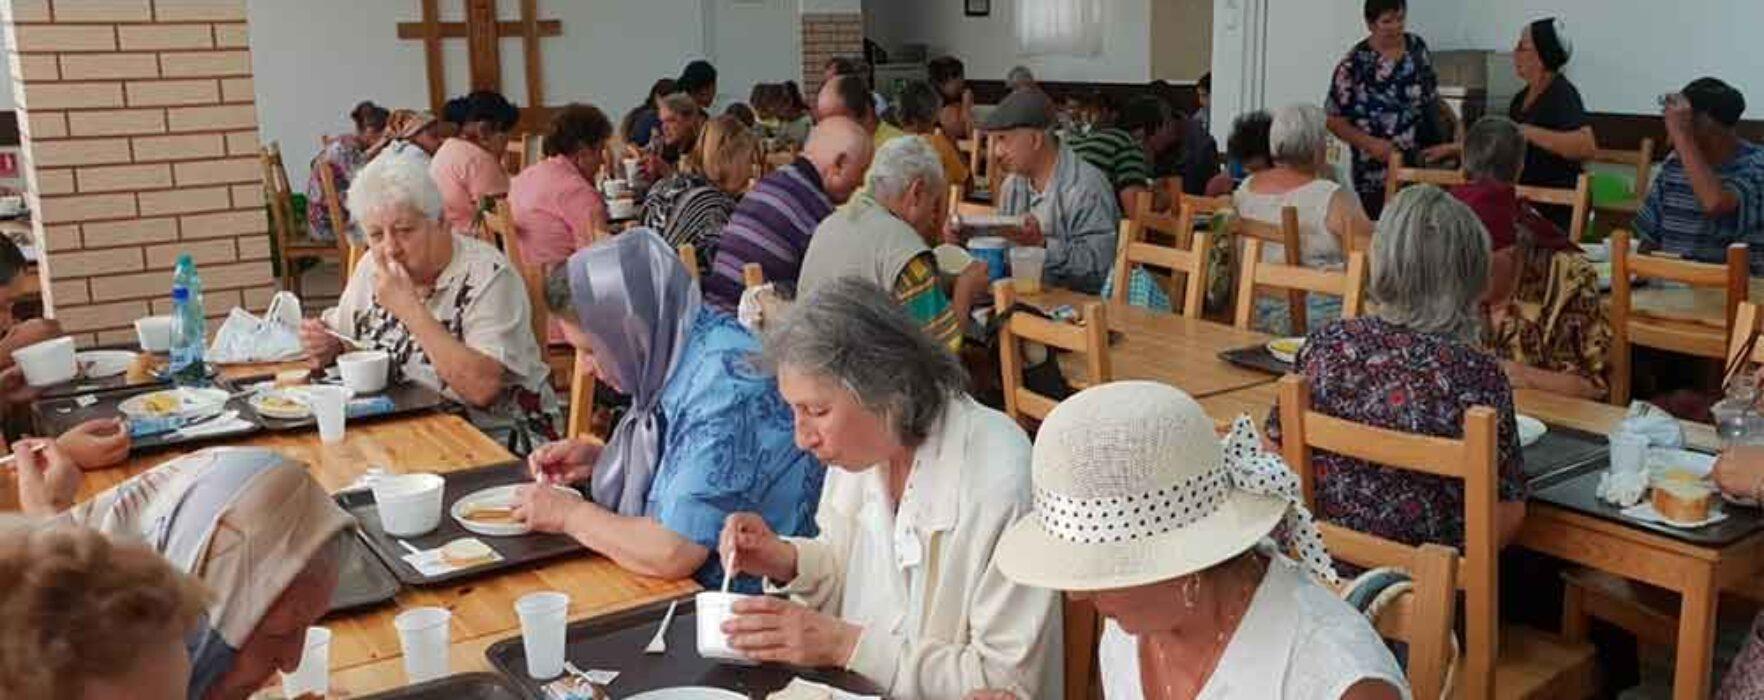 Peste 100 de persoane au asigurată o masă pe zi la cantina socială a Arhiepiscopiei Târgovişte